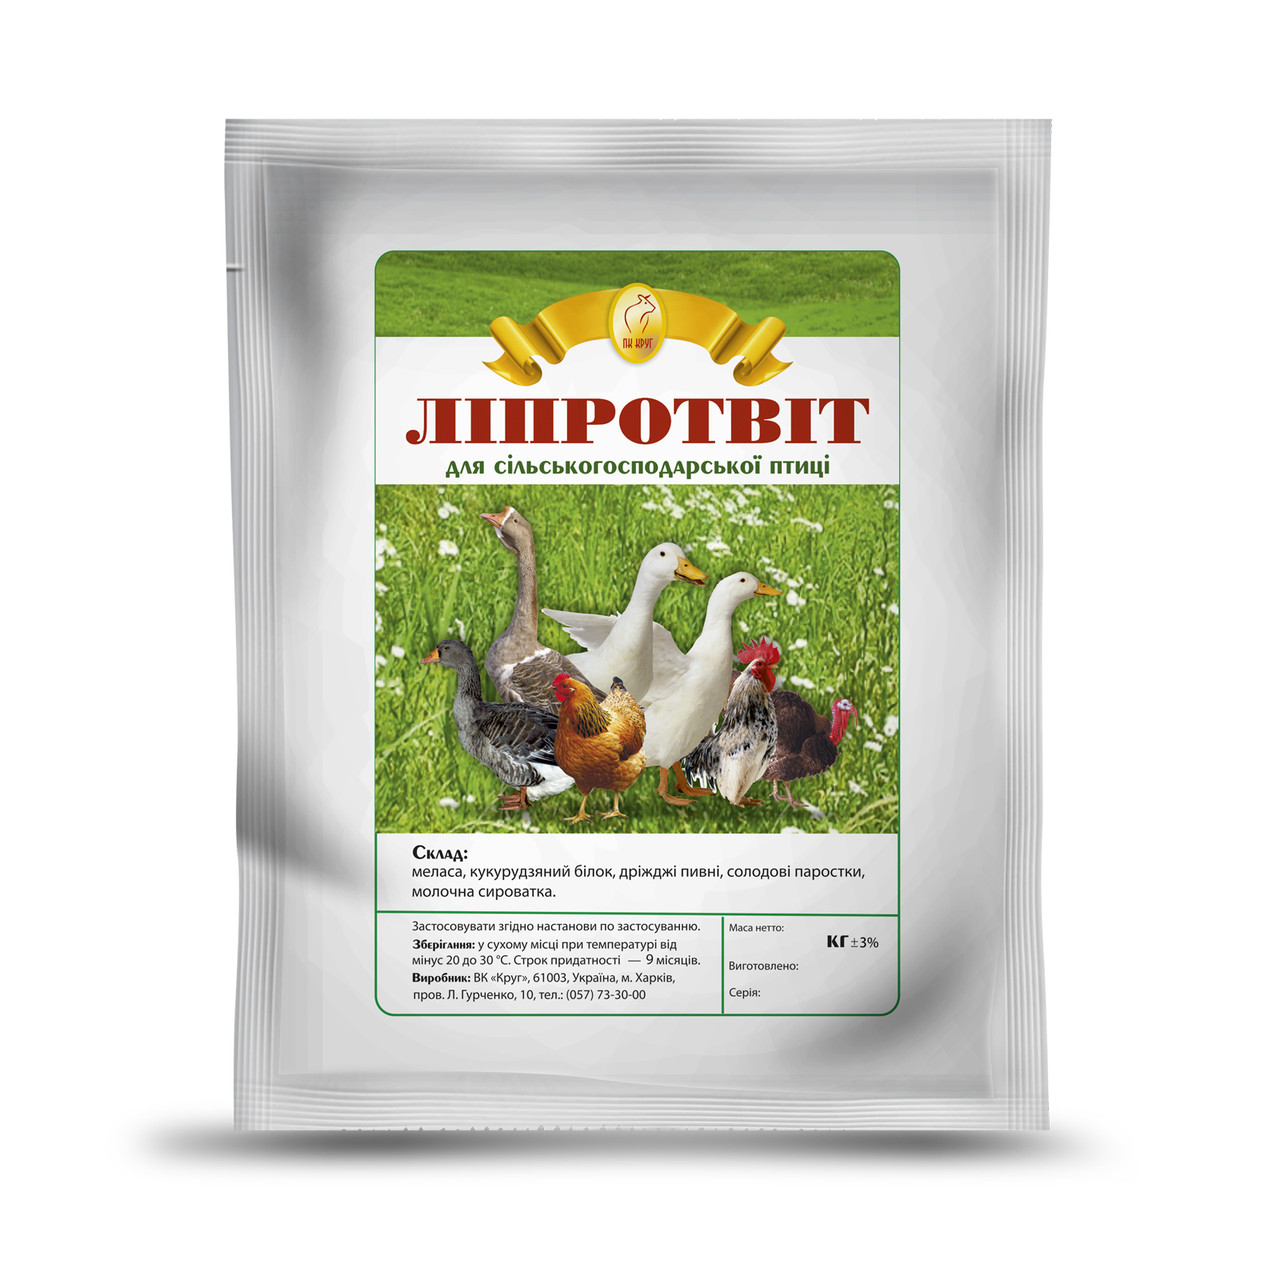 Липротвит для с/х птицы (1 кг)